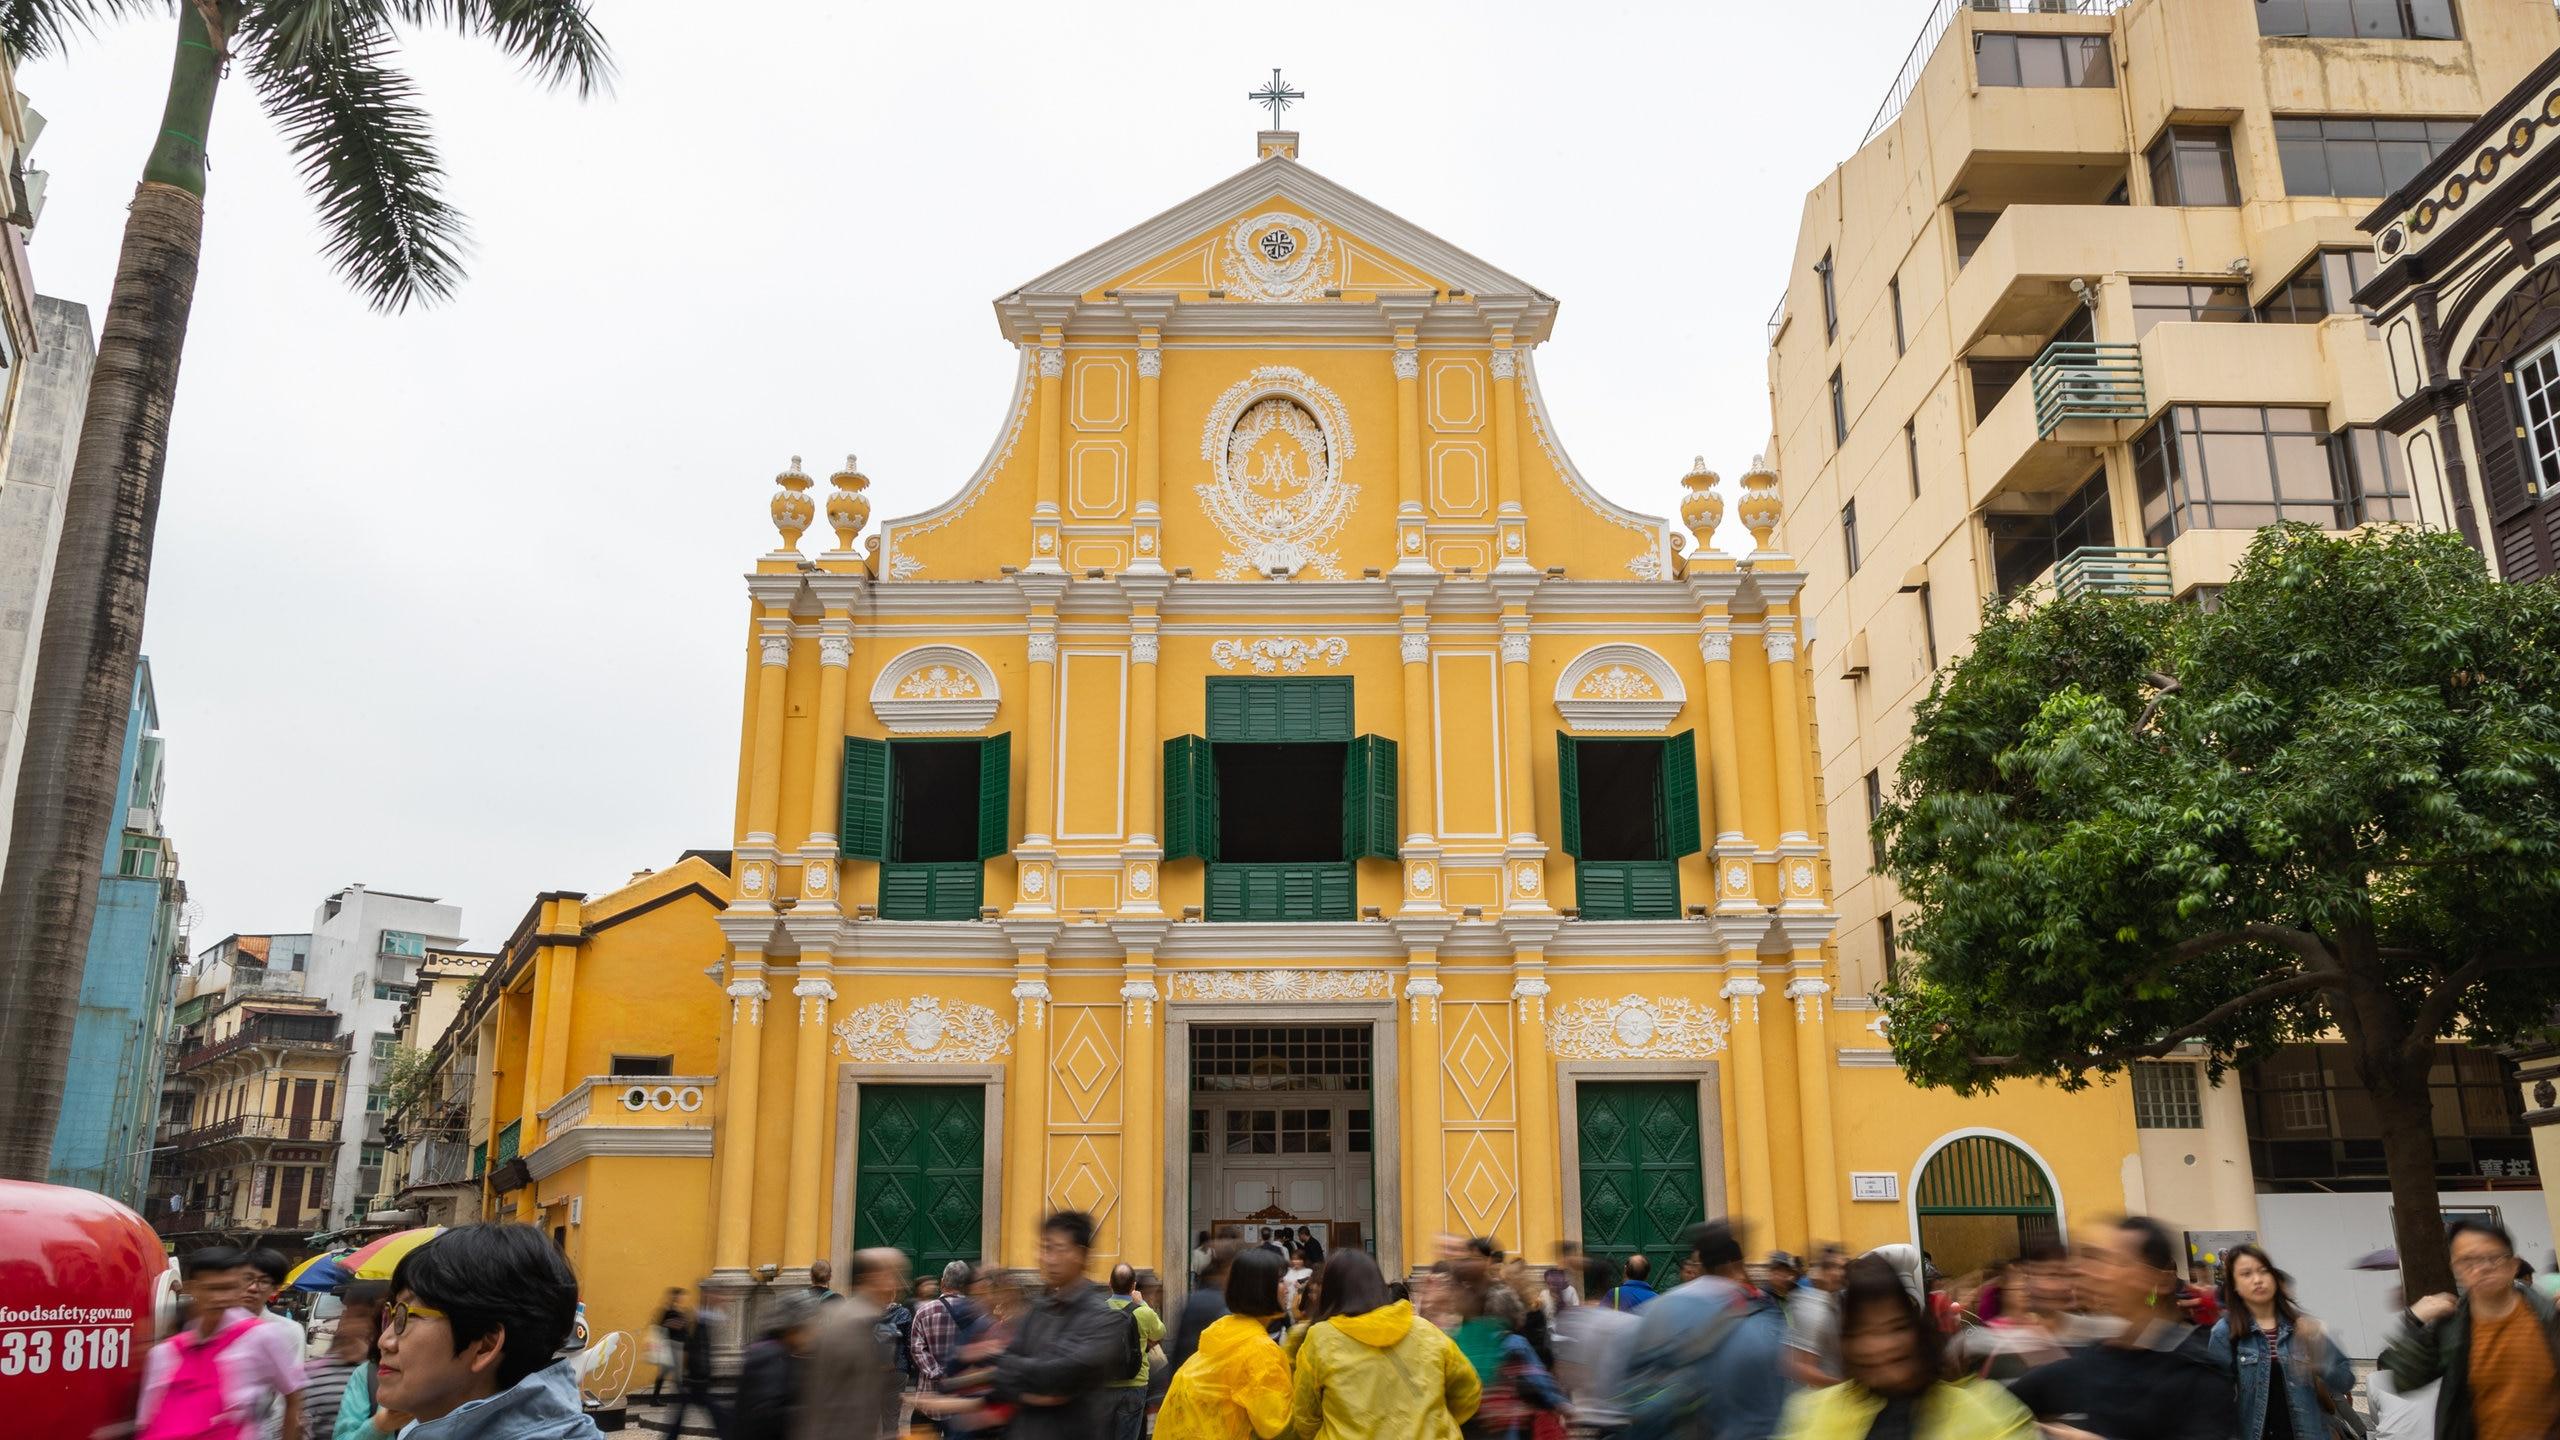 Cari tahu sejarah dari Pusat Sejarah Macau saat Anda meluangkan waktu di Gereja St. Dominic. Jelajahi pilihan hiburan dan kasino di area kaya budaya ini.